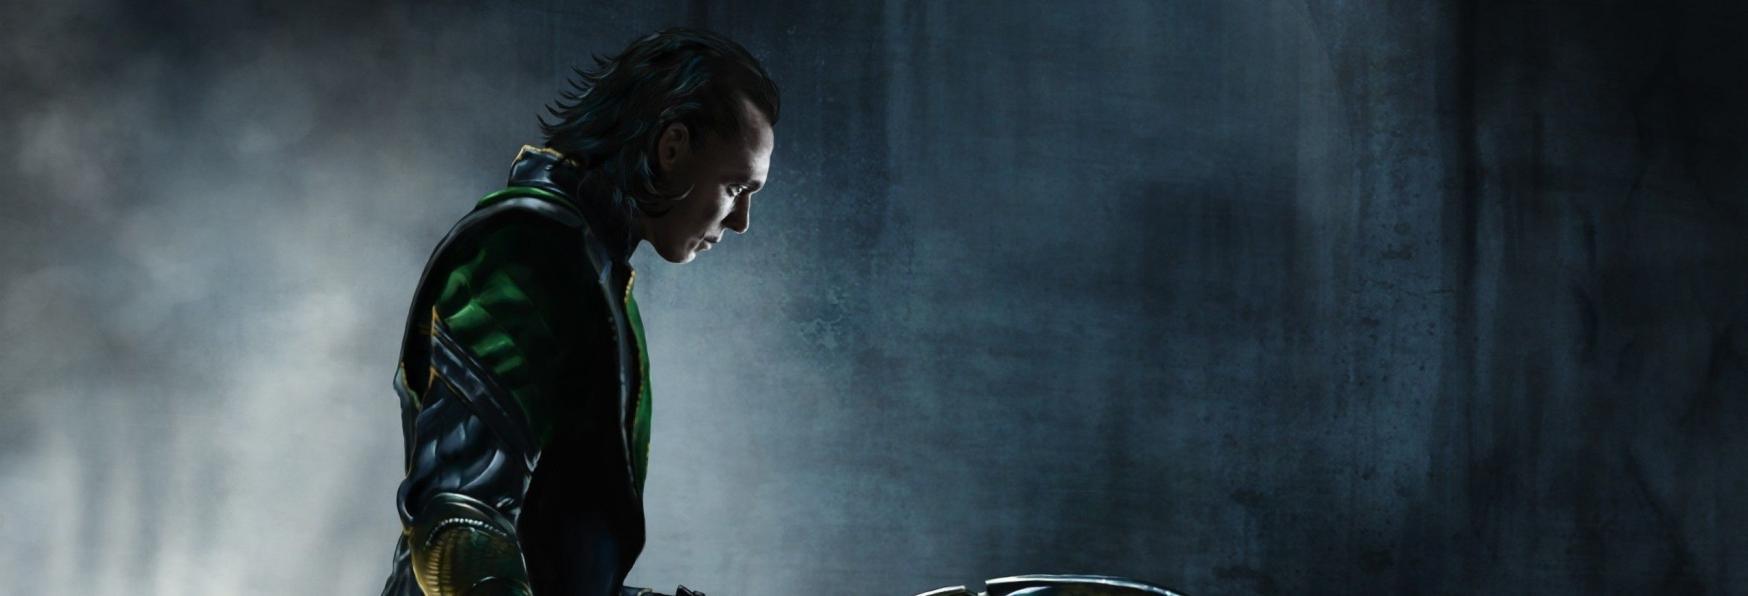 Loki: Rilasciato un nuovo Trailer dell'inedita Serie TV targata Marvel